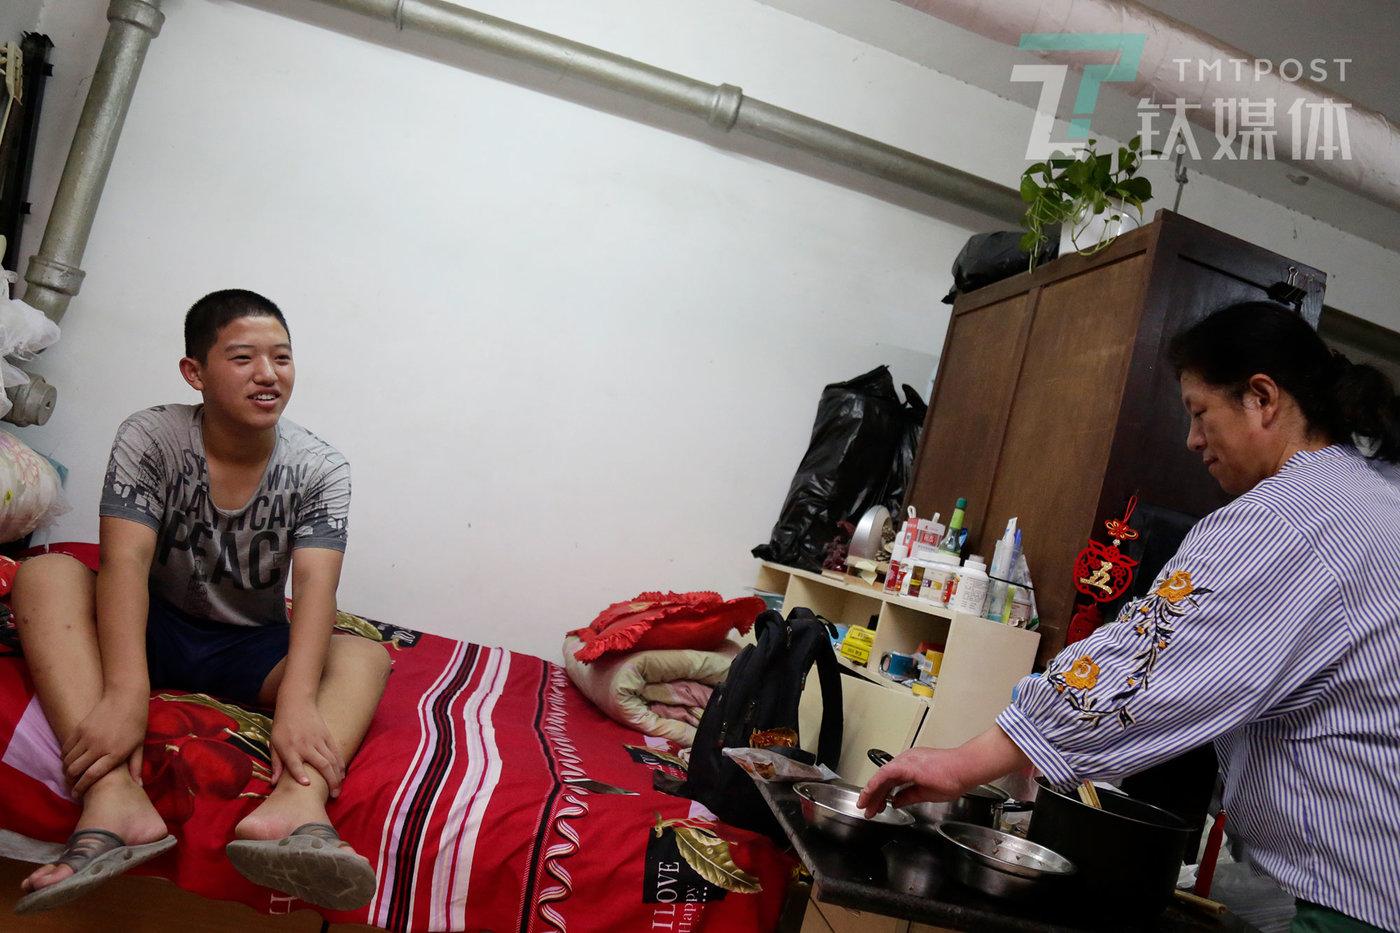 9月7日,北京,彭城家租住的单间,彭城和母亲在聊天。彭城父亲是一名门卫,母亲是保洁员。从山东到北京6年,他们搬了5次家。彭城最喜欢目前的住所,因为这里不会面临突击检查。